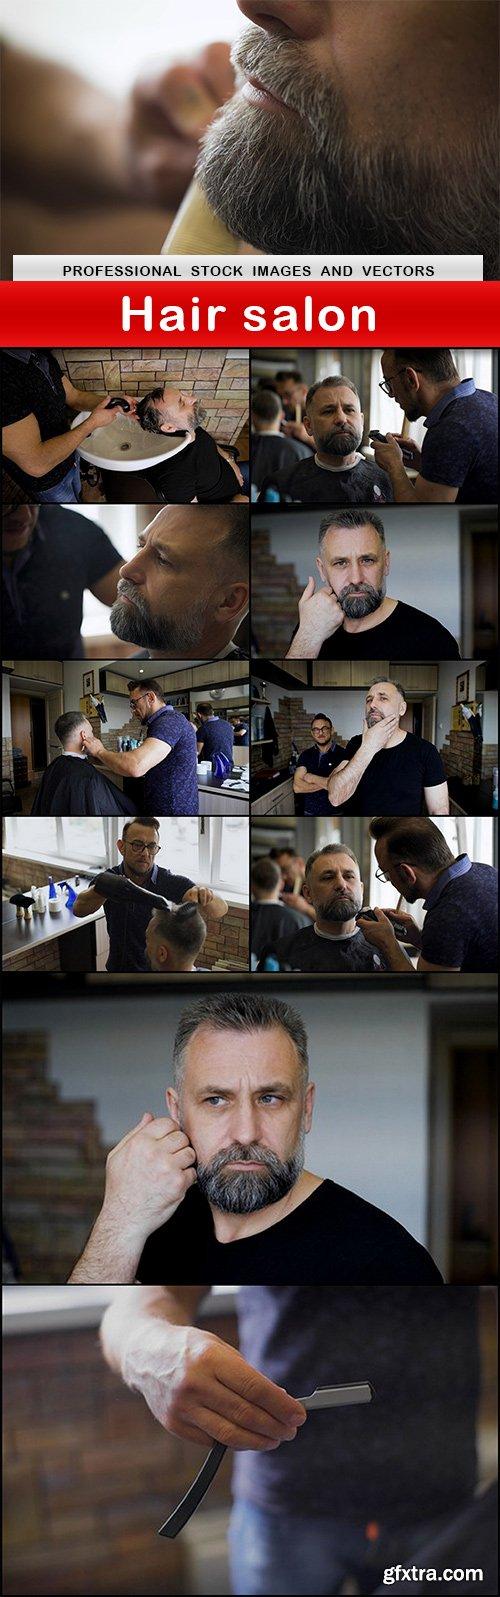 Hair salon - 11 UHQ JPEG